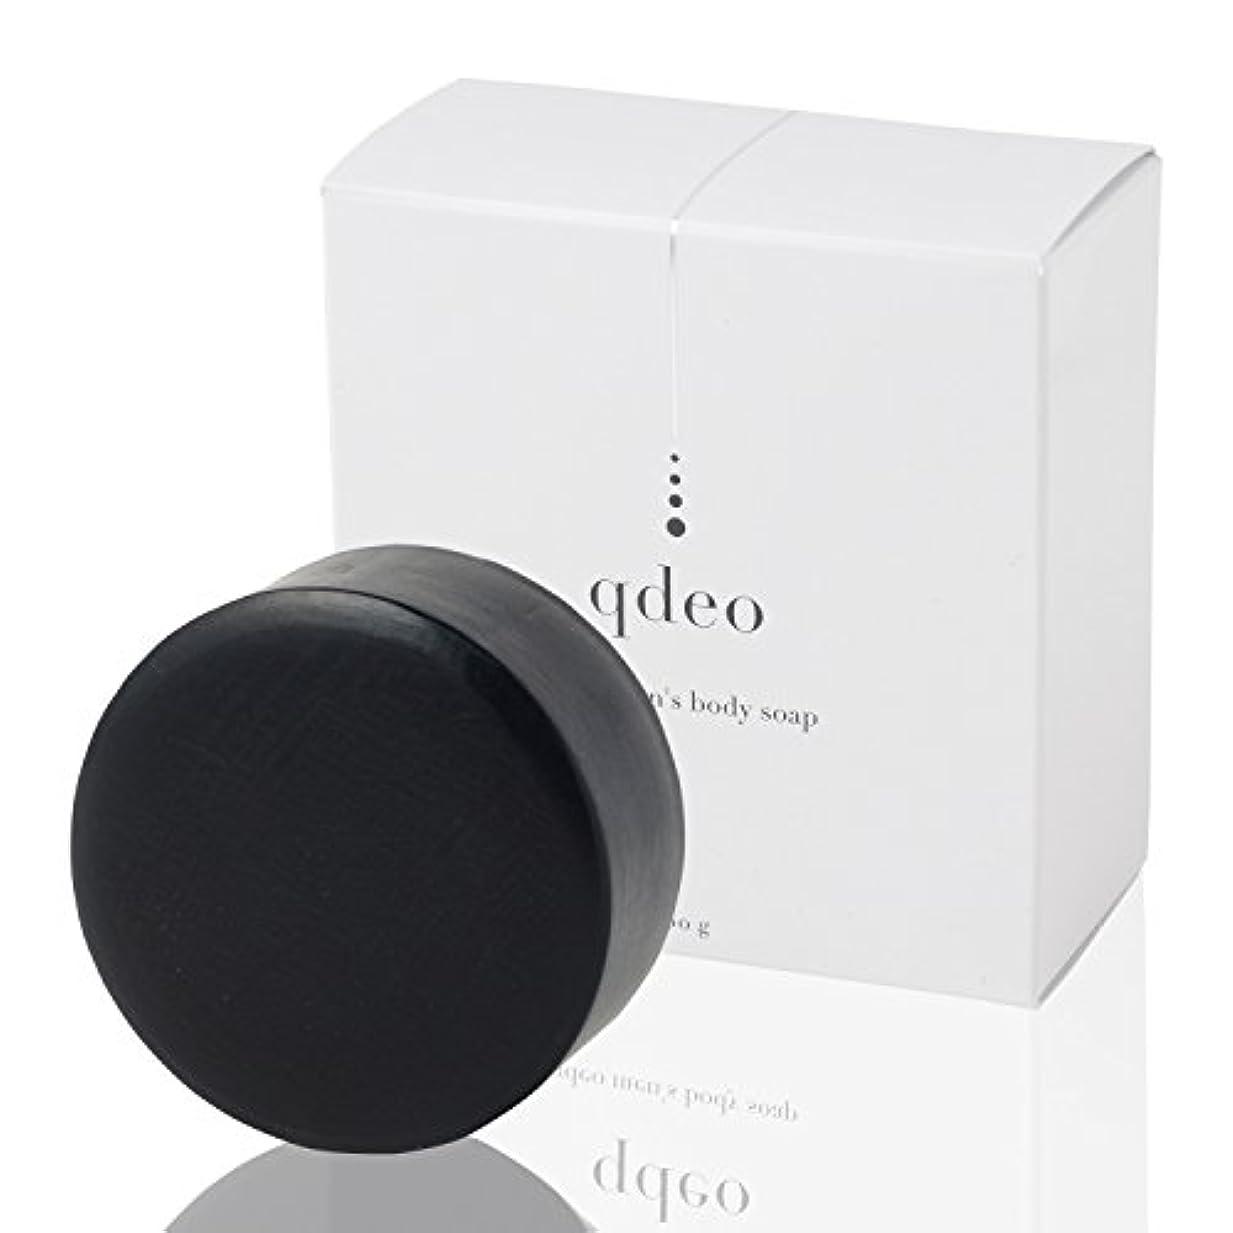 ブランドカニ帳面クデオ メンズ ボディソープ 100g 石鹸 固形 体臭 ワキガ 足の臭い 加齢臭 デリケートゾーン